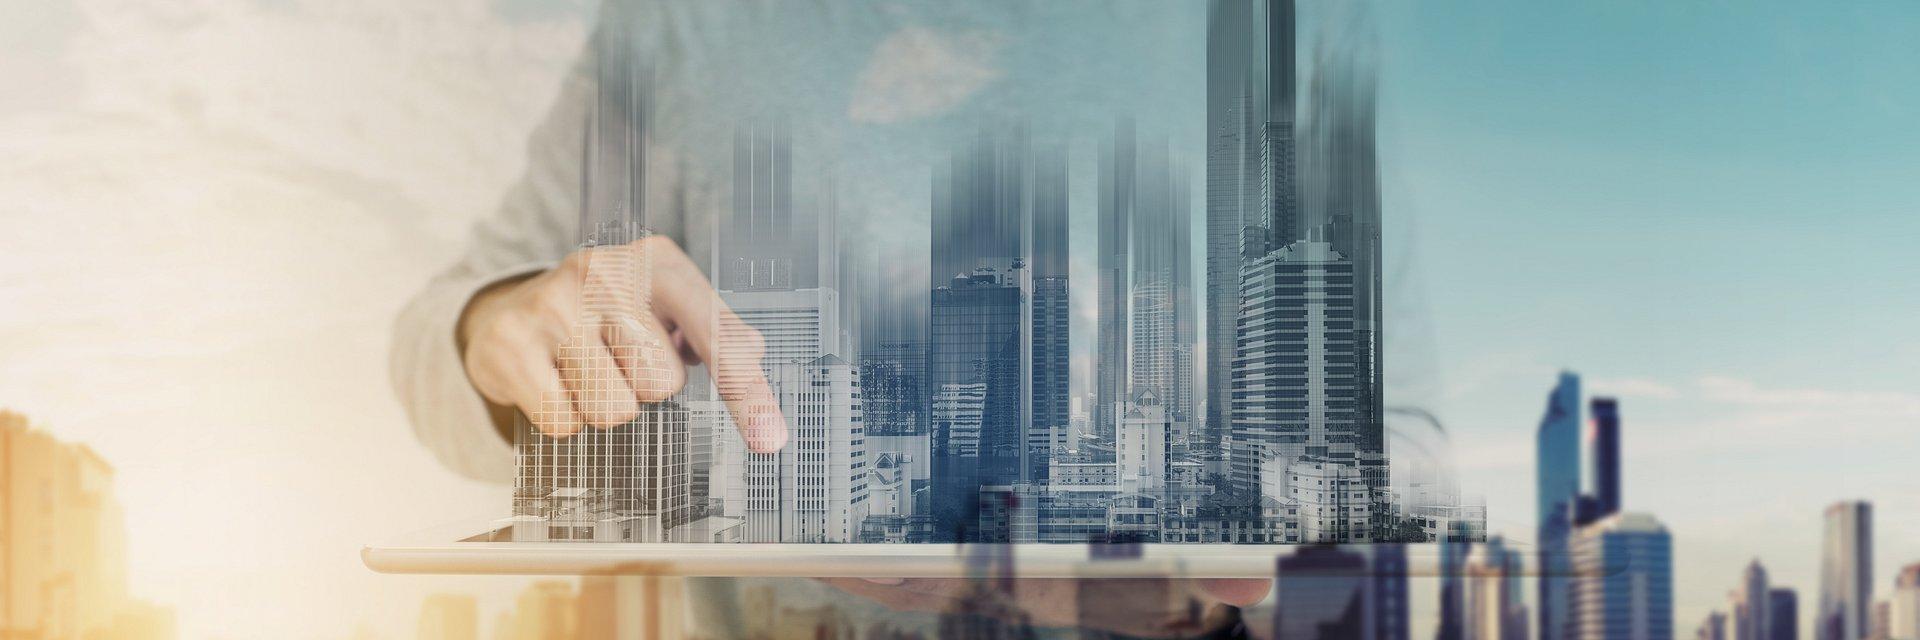 BNP Paribas Real Estate Poland wzmacnia kompetencje w dziale Wycen